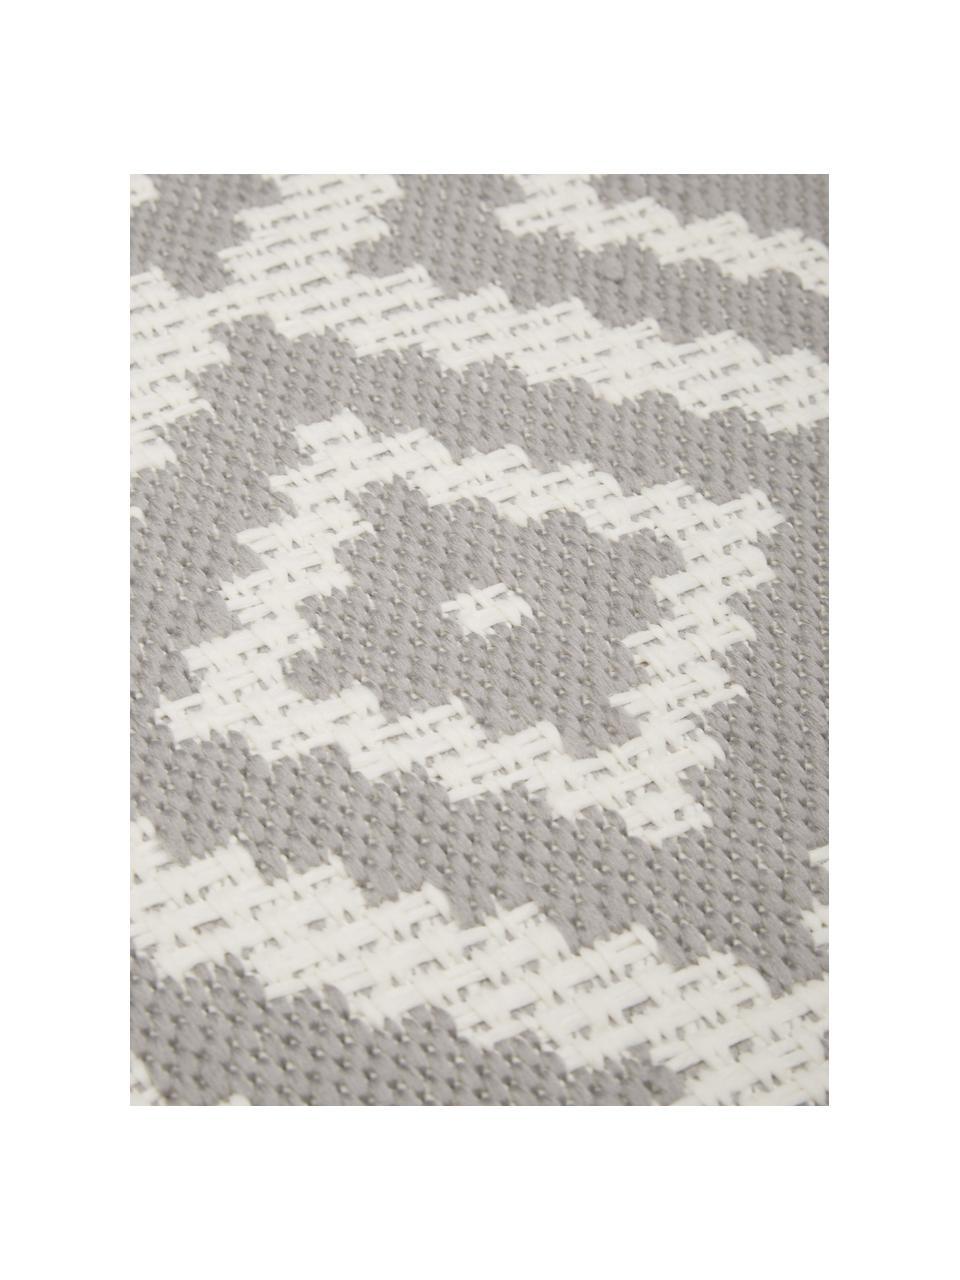 Gemusterter In- & Outdoor-Teppich Miami in Grau/Weiß, 86% Polypropylen, 14% Polyester, Weiß, Grau, Ø 200 cm (Größe L)